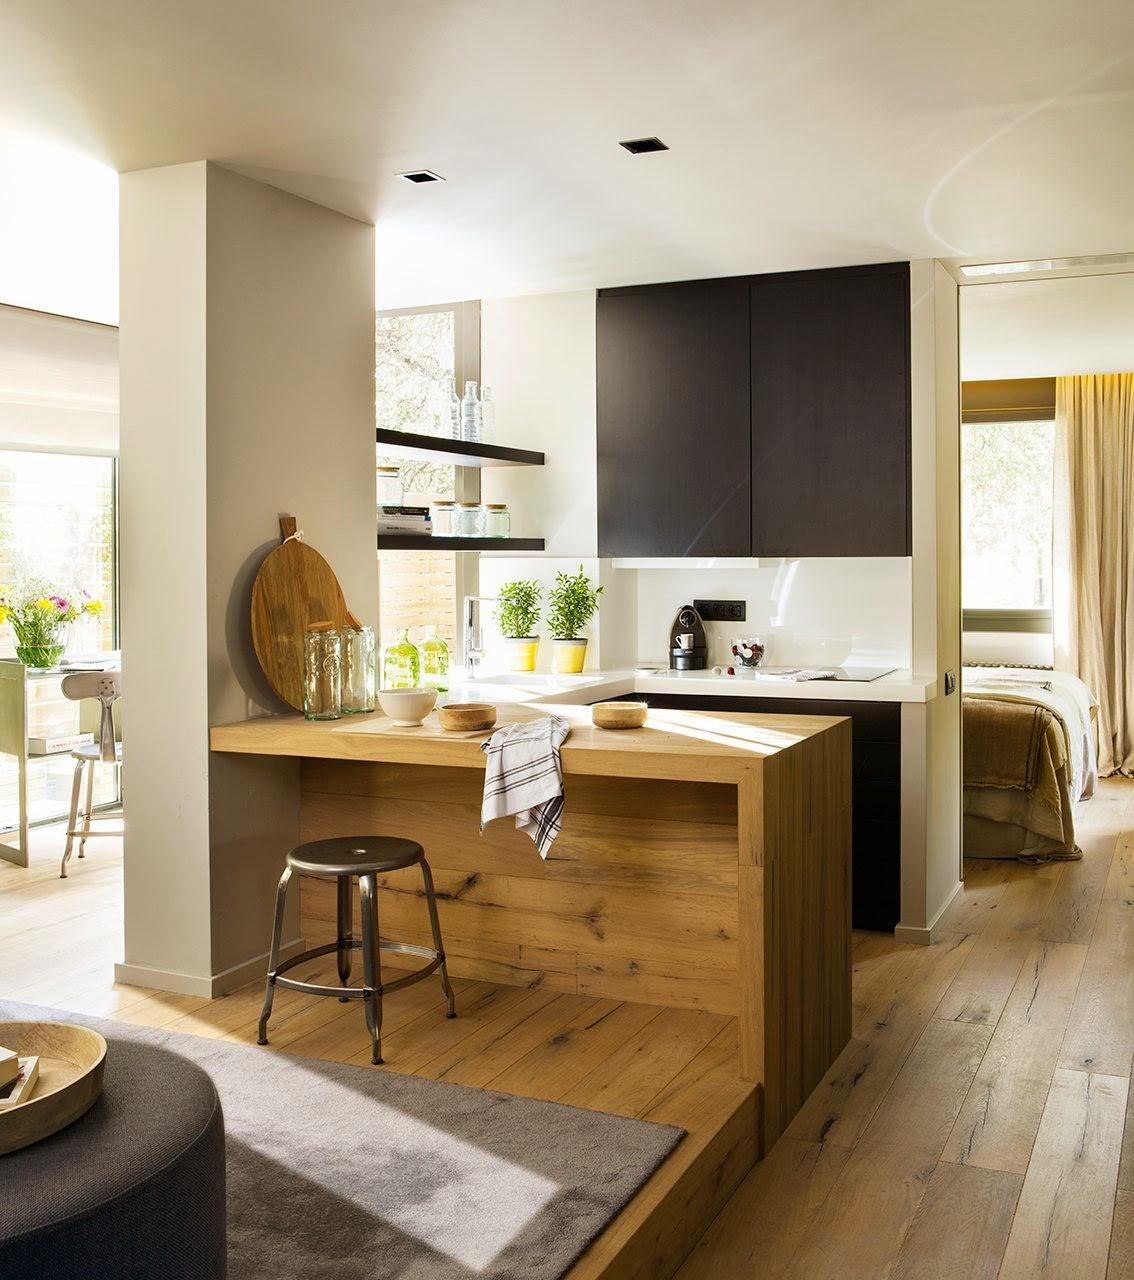 Ecce home piccoli spazi dalle idee chiare - Amenager un appartement ...